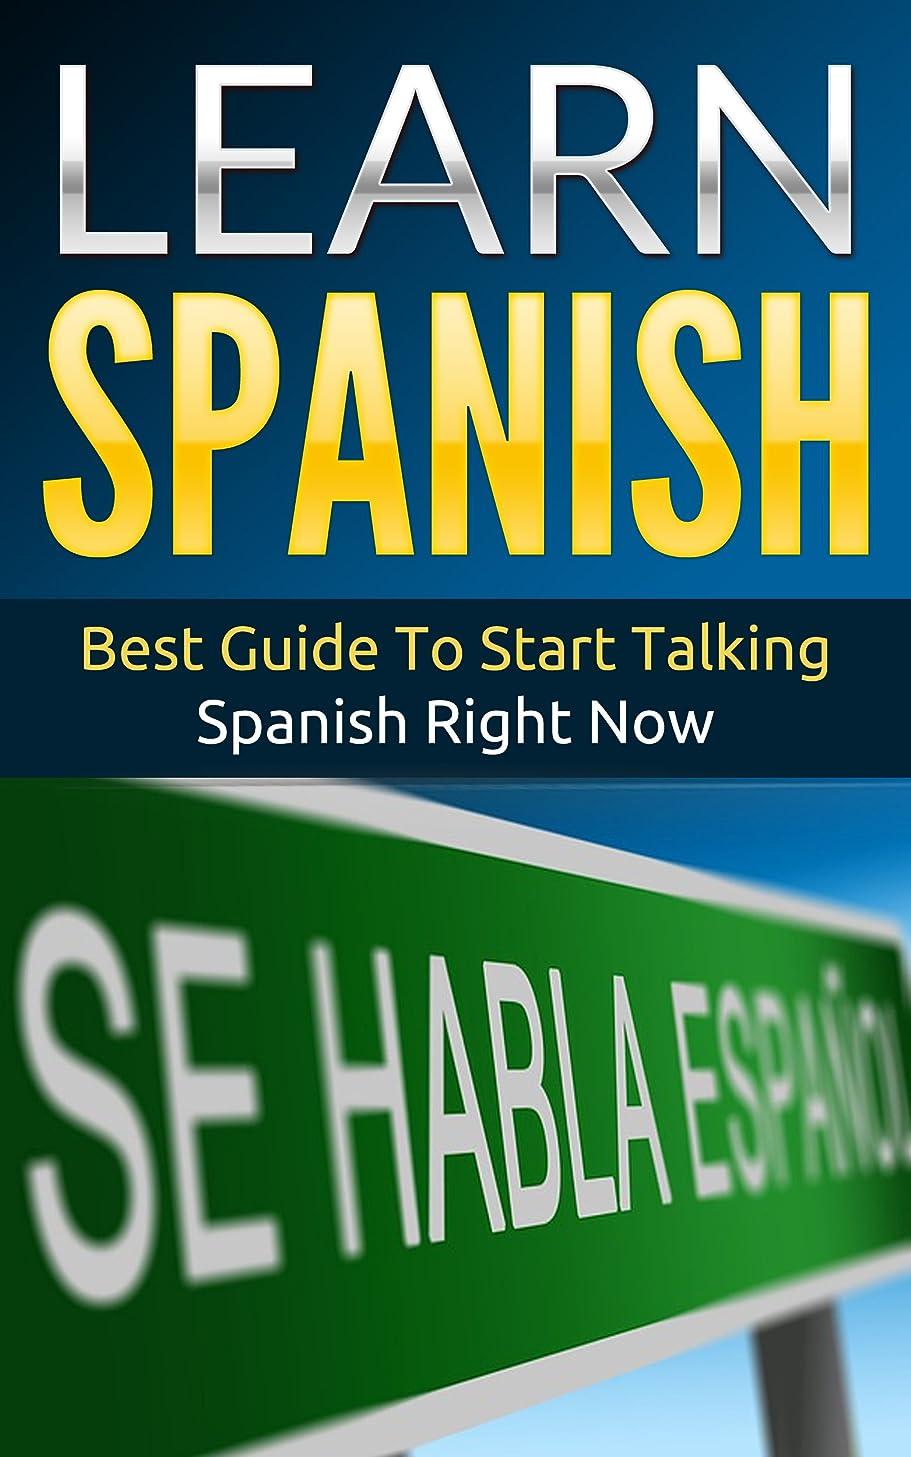 ストローク爆風グリットSpanish: Learn Spanish - Best Guide To Start Talking Spanish Right Now (Street Spanish Book 1) (English Edition)